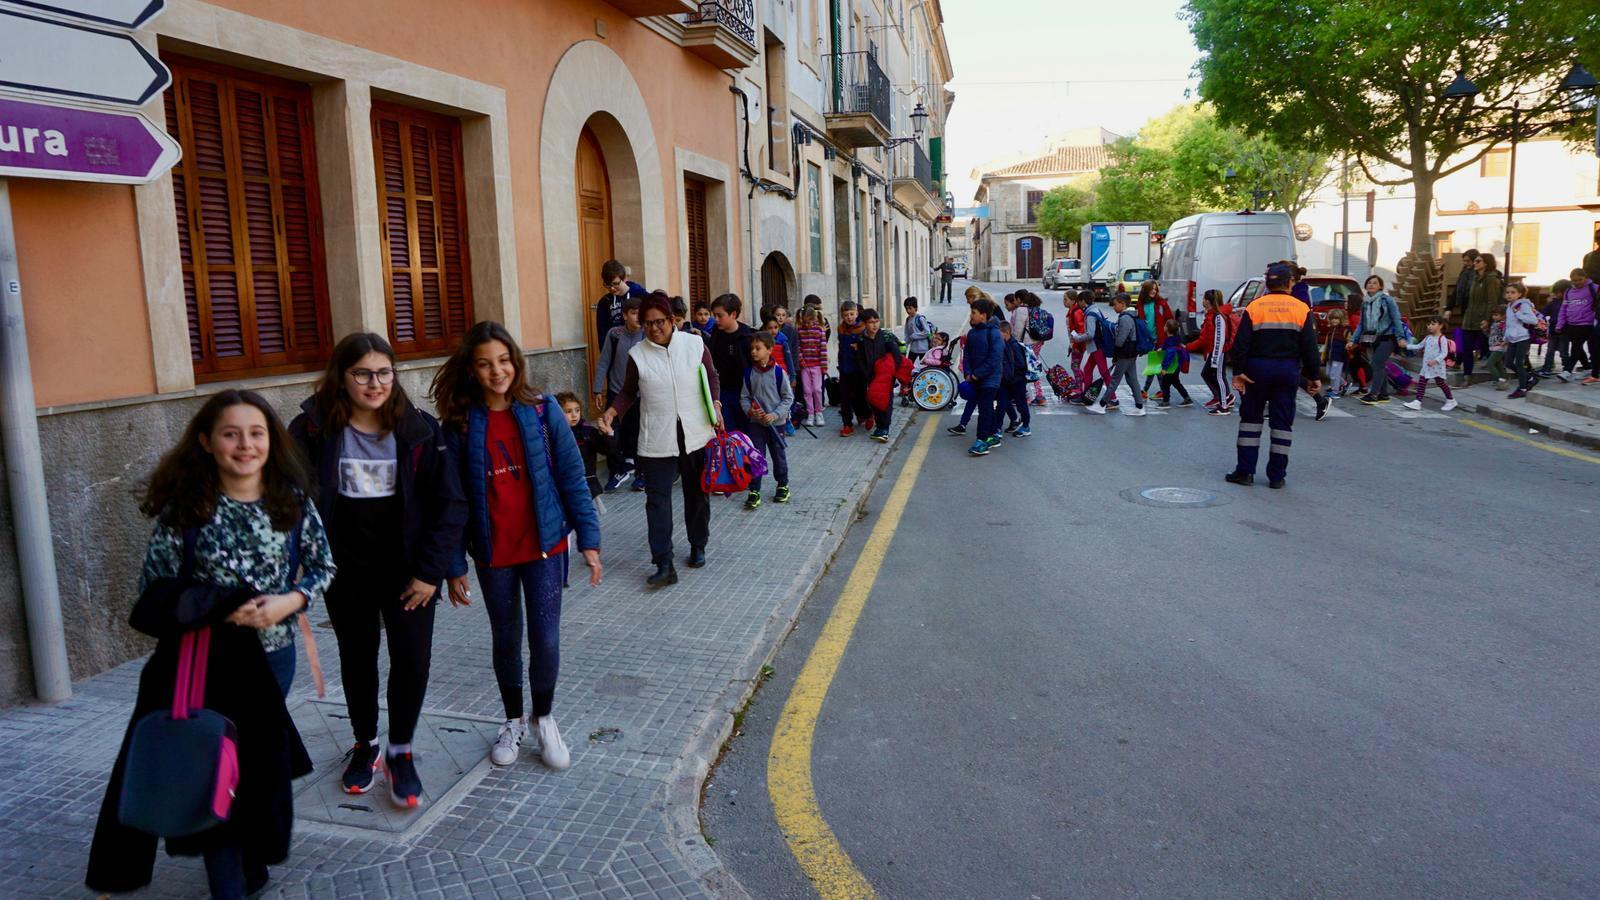 Imatge de l'estrena de la línia escolar que surt de la plaça.